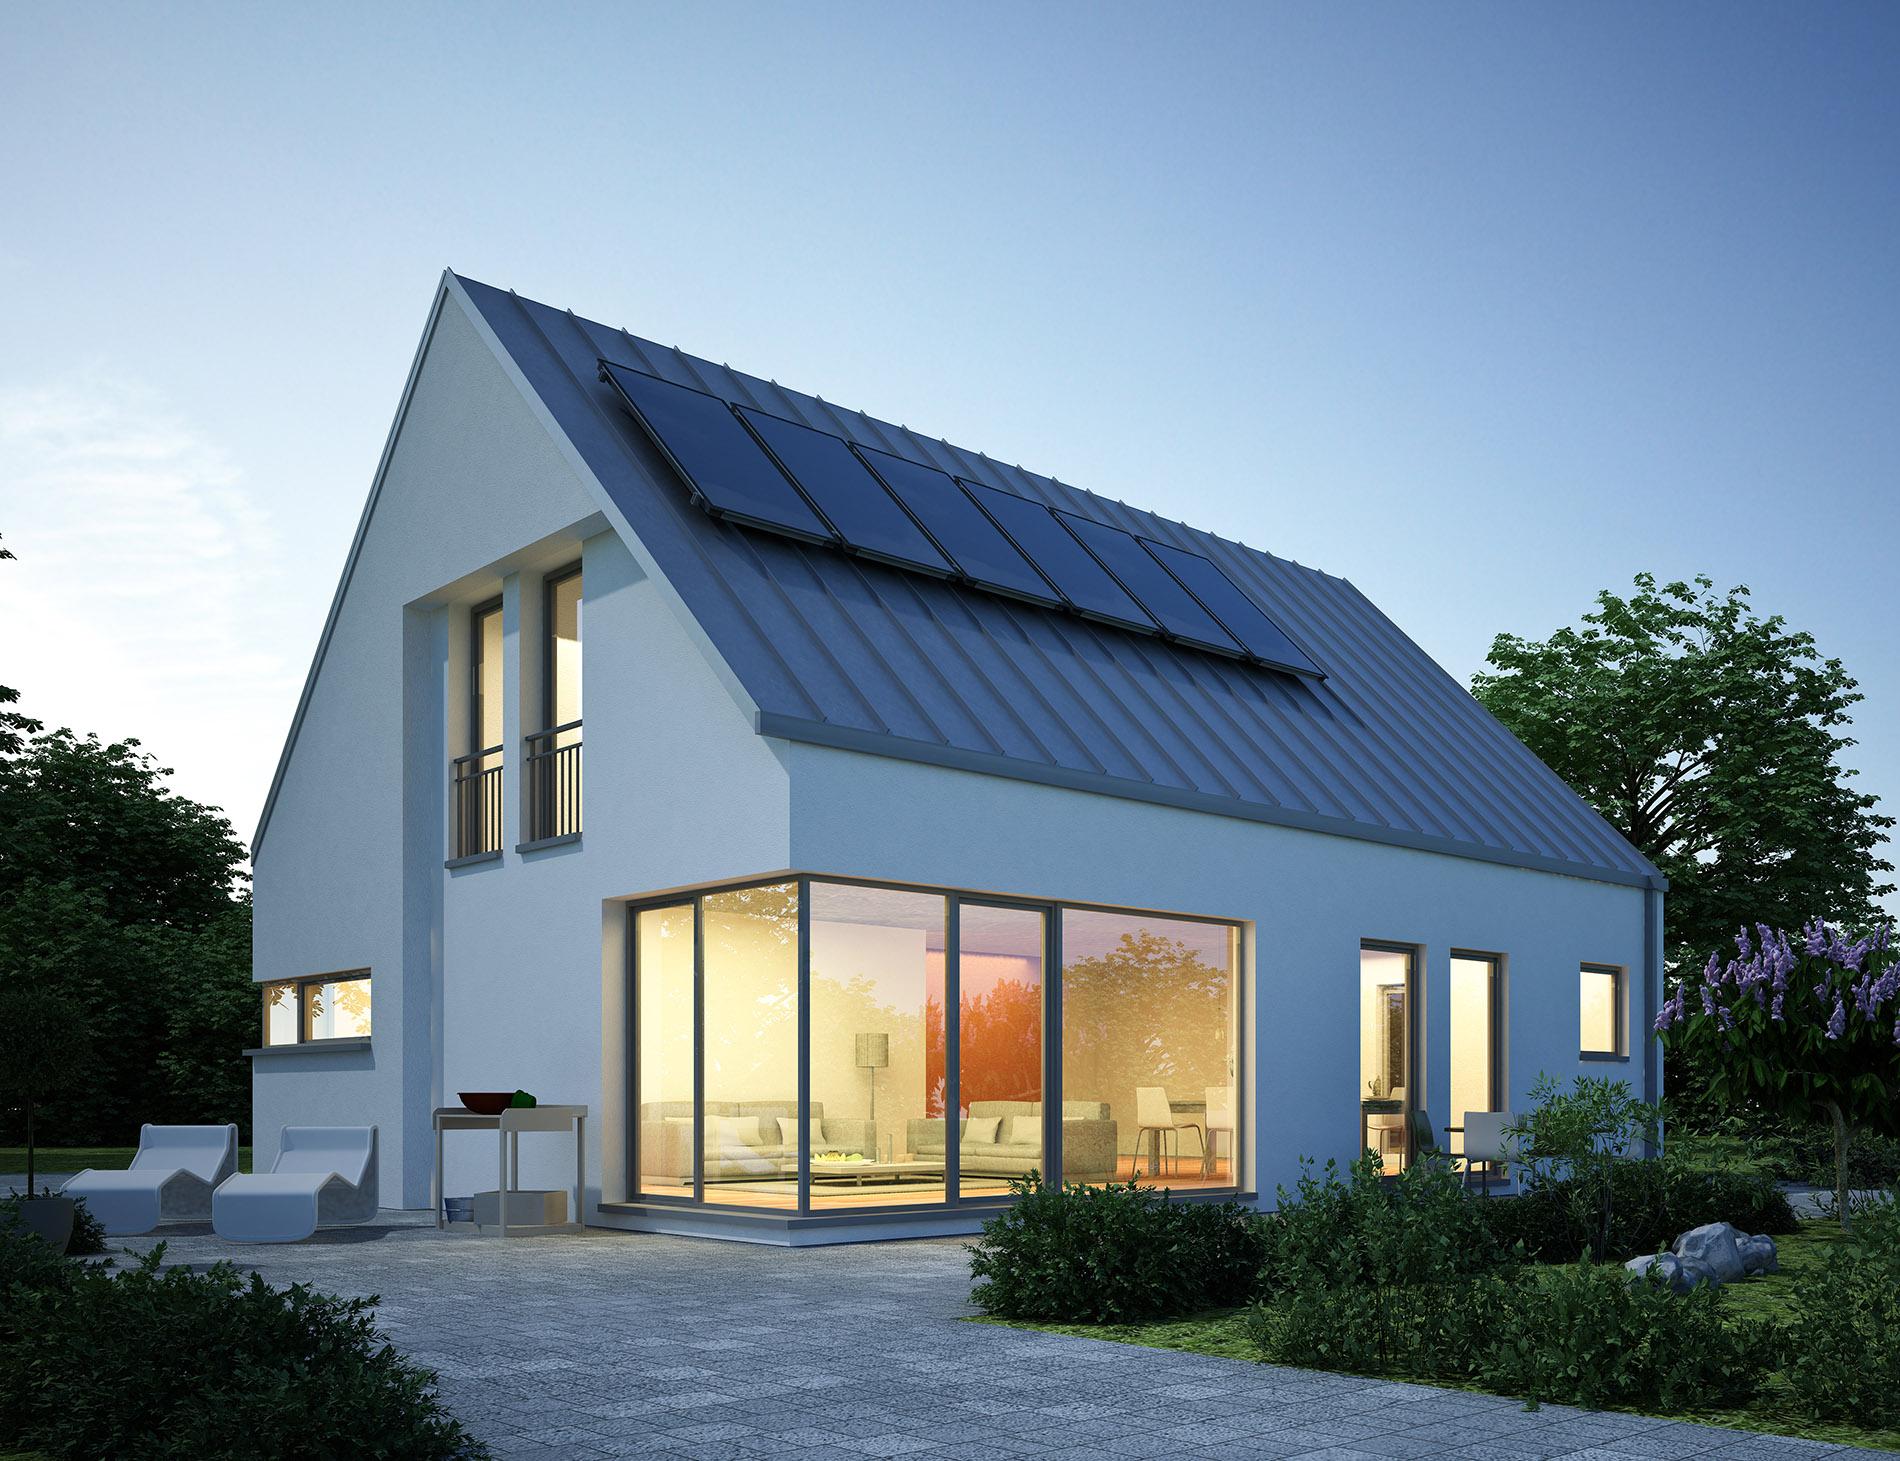 construisez votre maison traditionnelle dans le haut-rhin